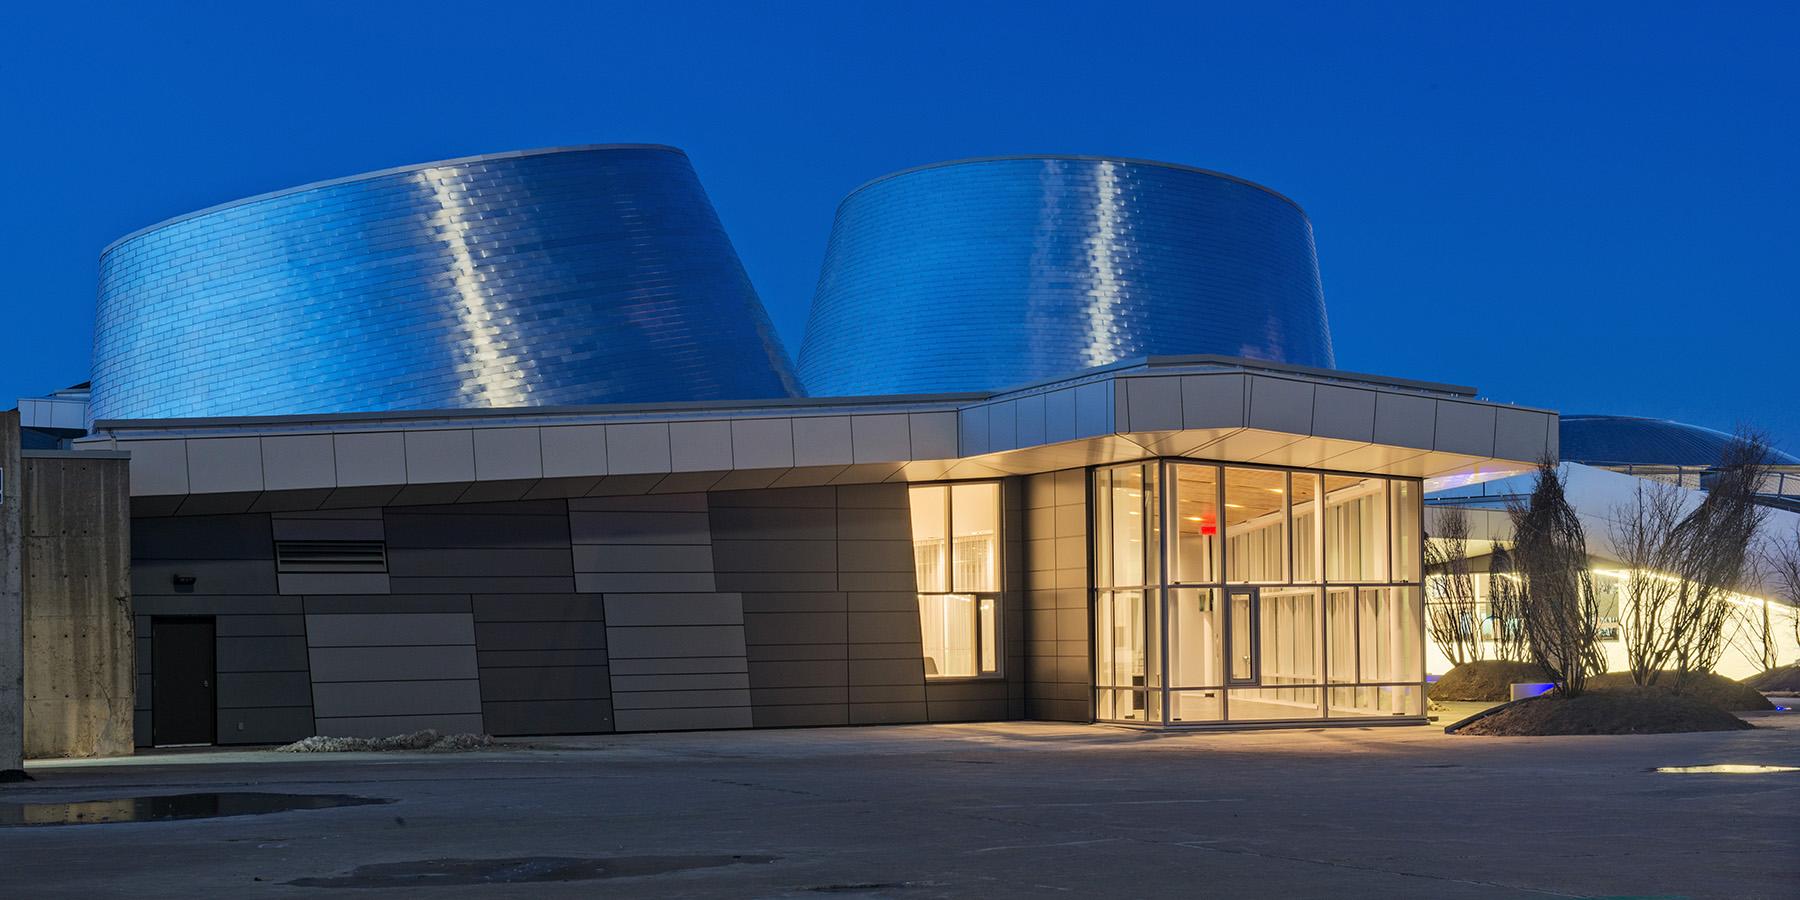 architectural-photography-montreal-planetarium-rio-tinto-alcan-017